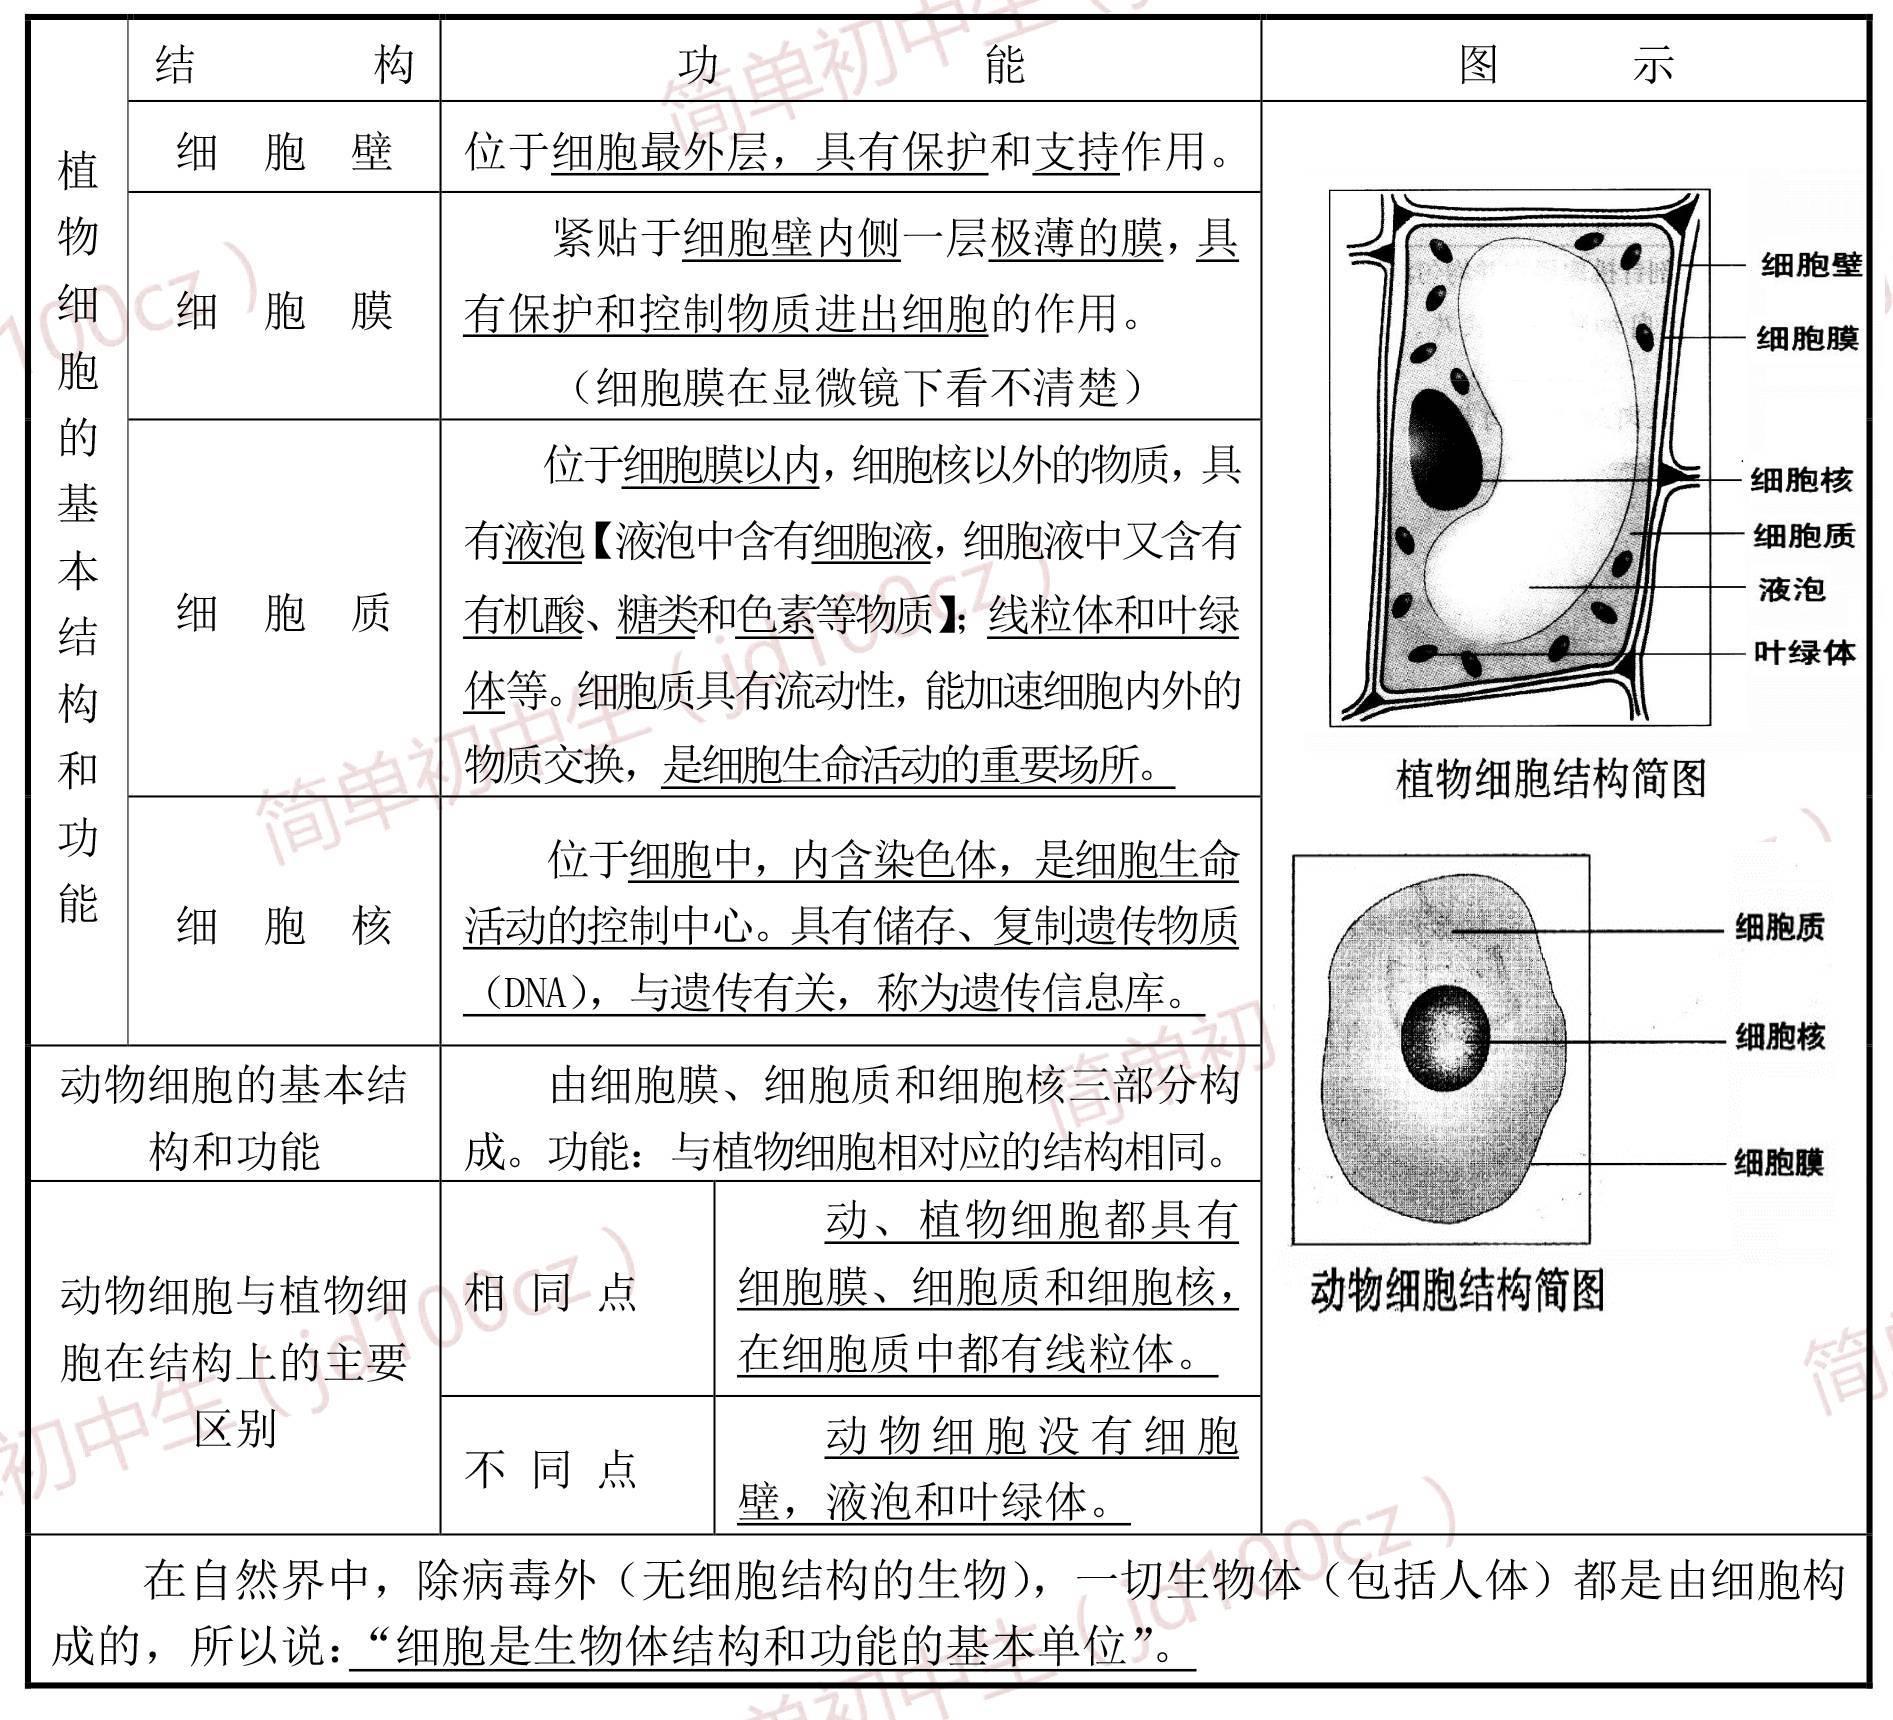 细胞平面图,显示所有细胞器_七上生物显微镜使用及细胞分裂知识点,有图有真相,讲得超清楚!